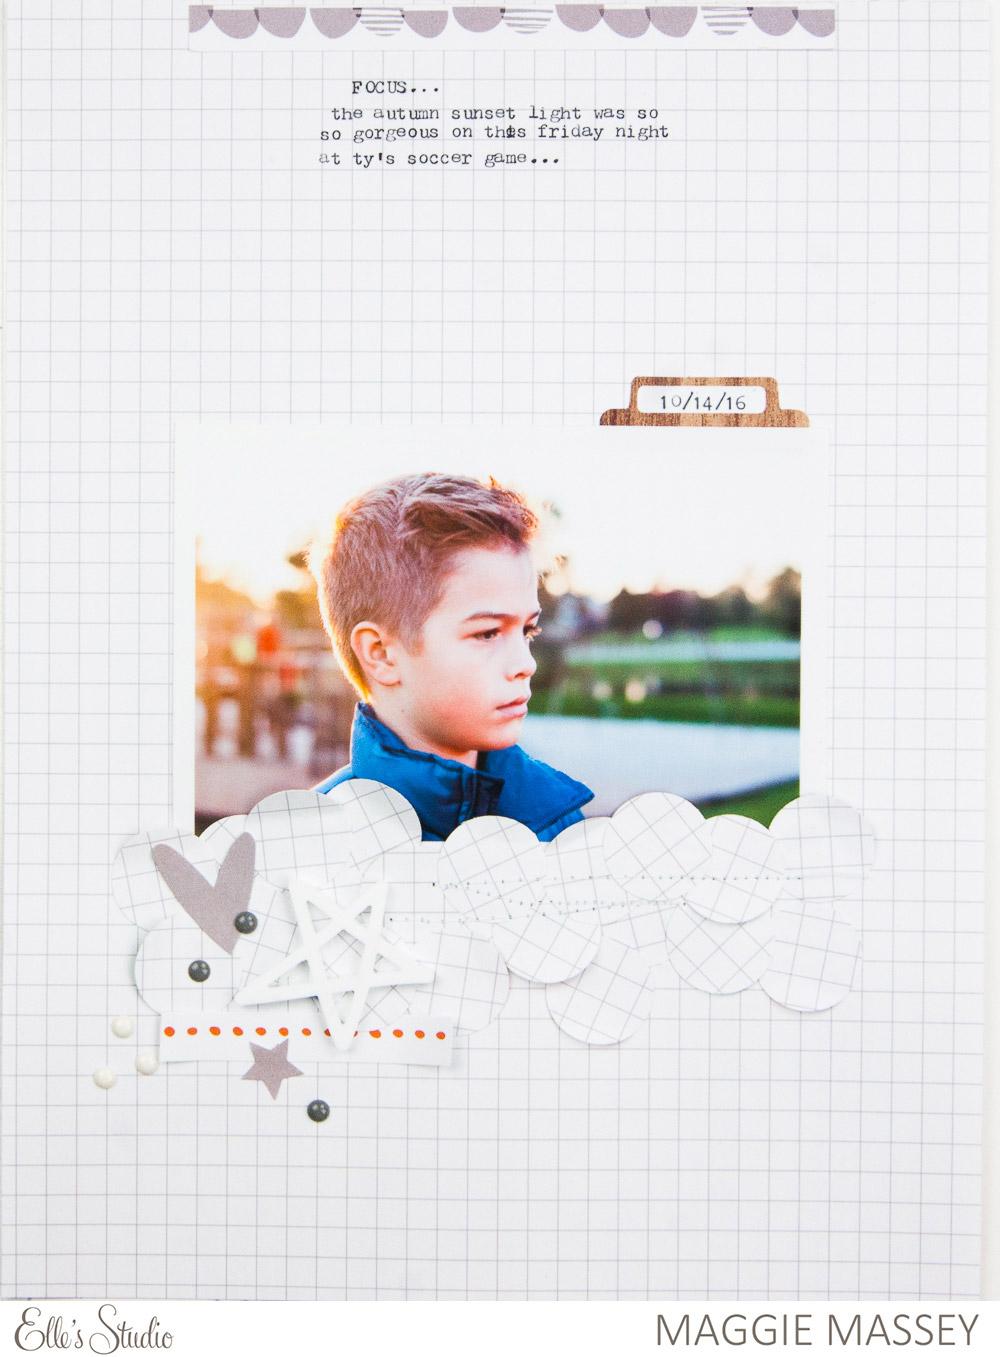 ellesstudio-maggiemassey-focus-01